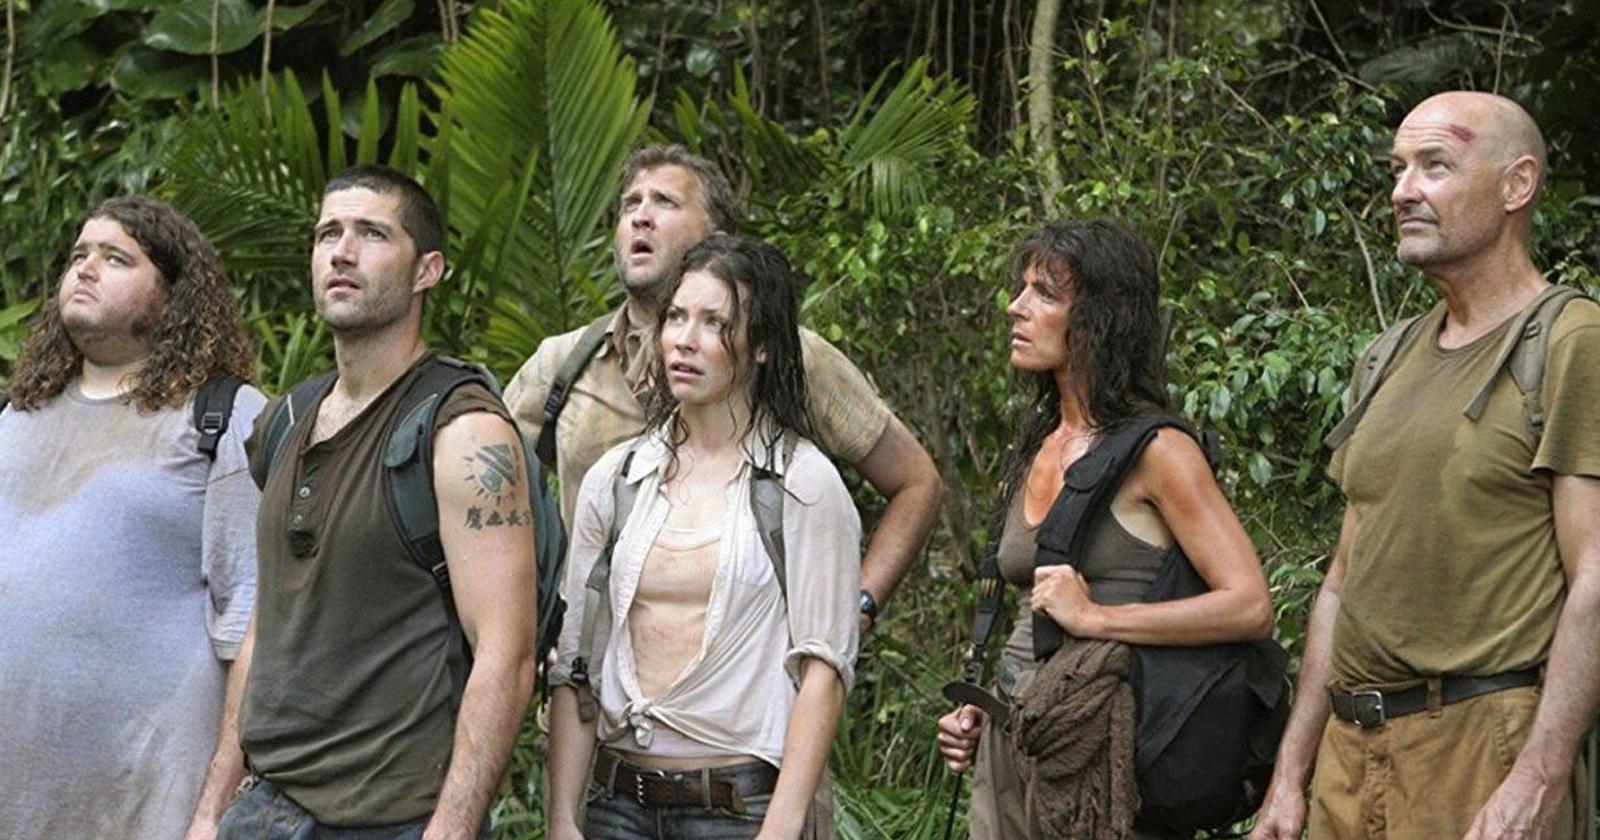 Algunos de los personajes clave de la serie Lost, transpirados y sucios en una isla con vegetación tropical.